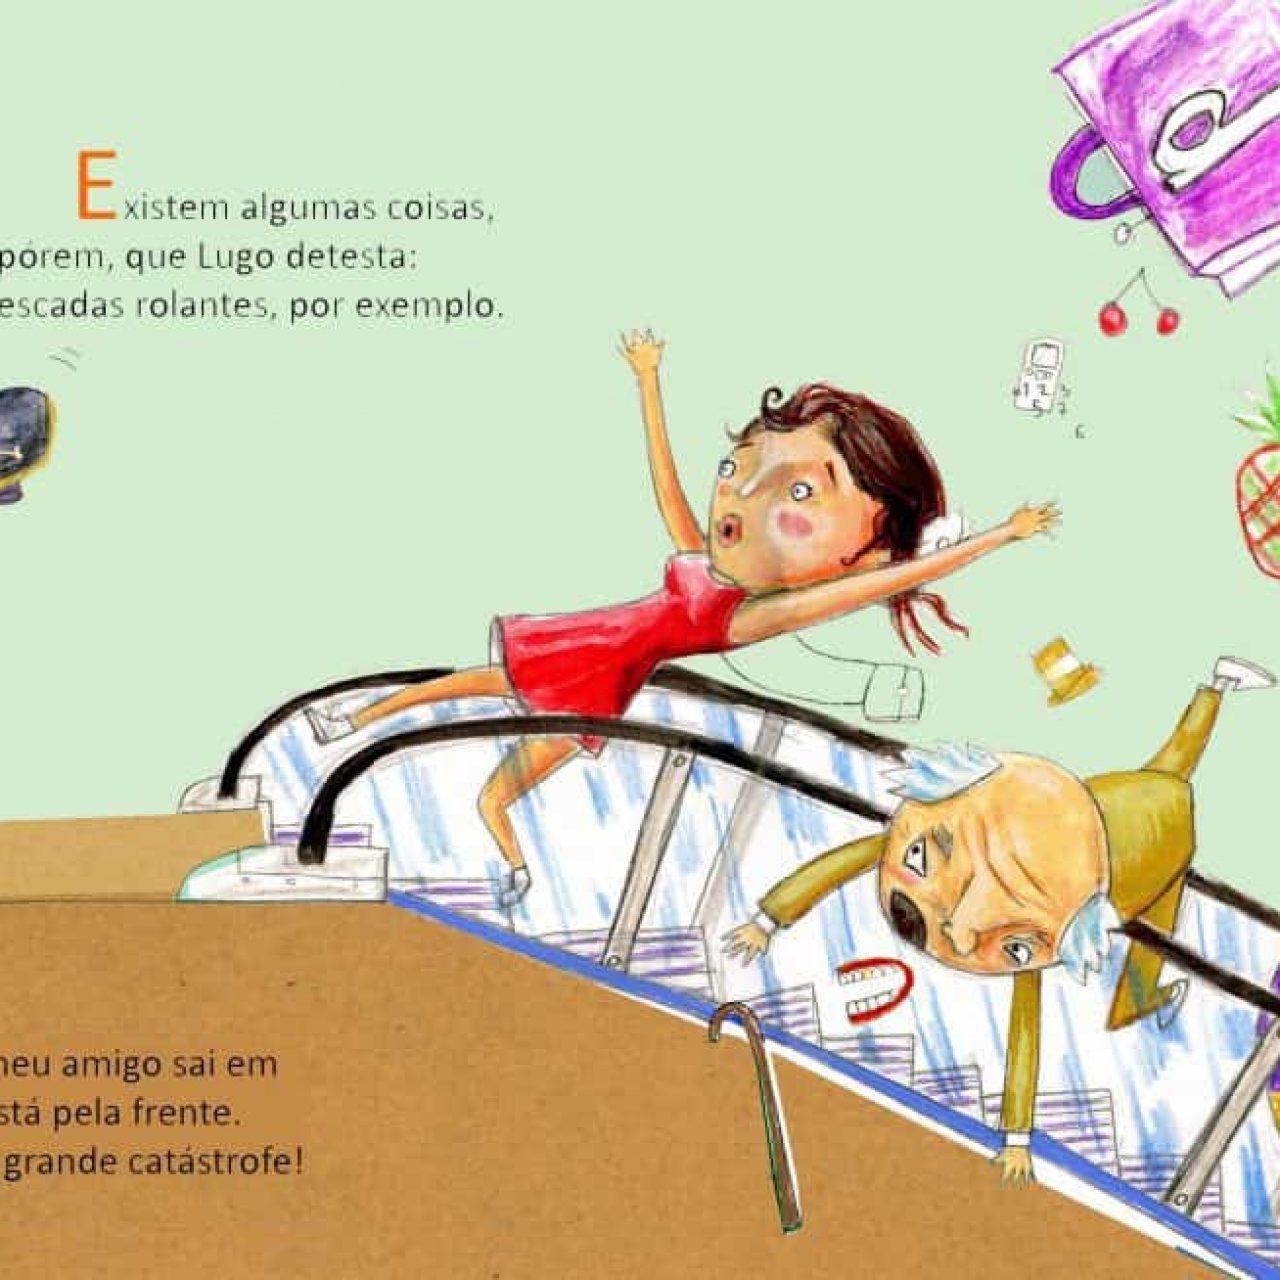 MANOEL E LUGO CONTRA O INVASOR CHILDRENBOOK PITU ÁLVAREZ (3)